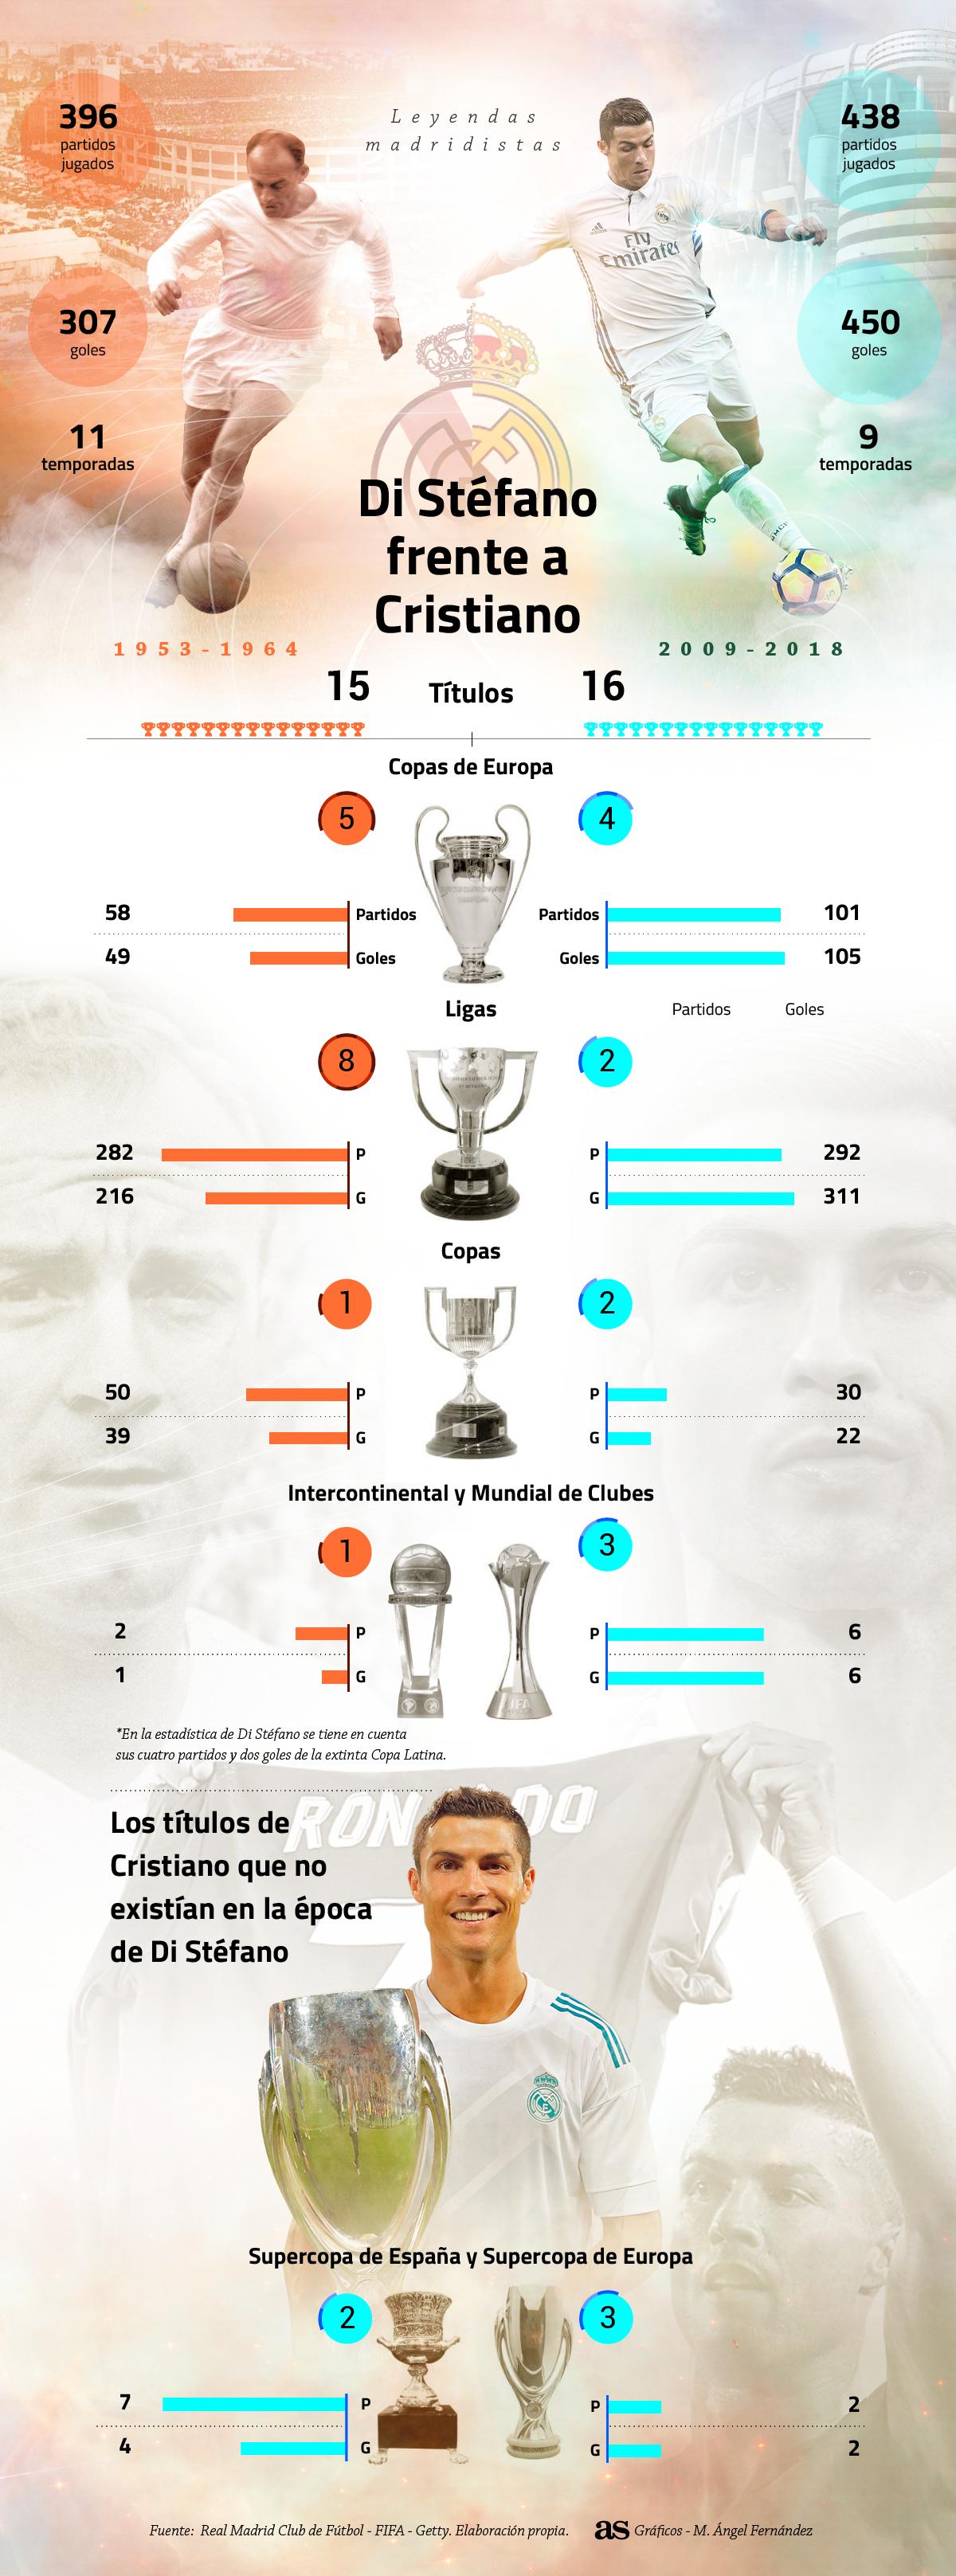 La leyenda de Di Stéfano y Cristiano comparadas en gráfico